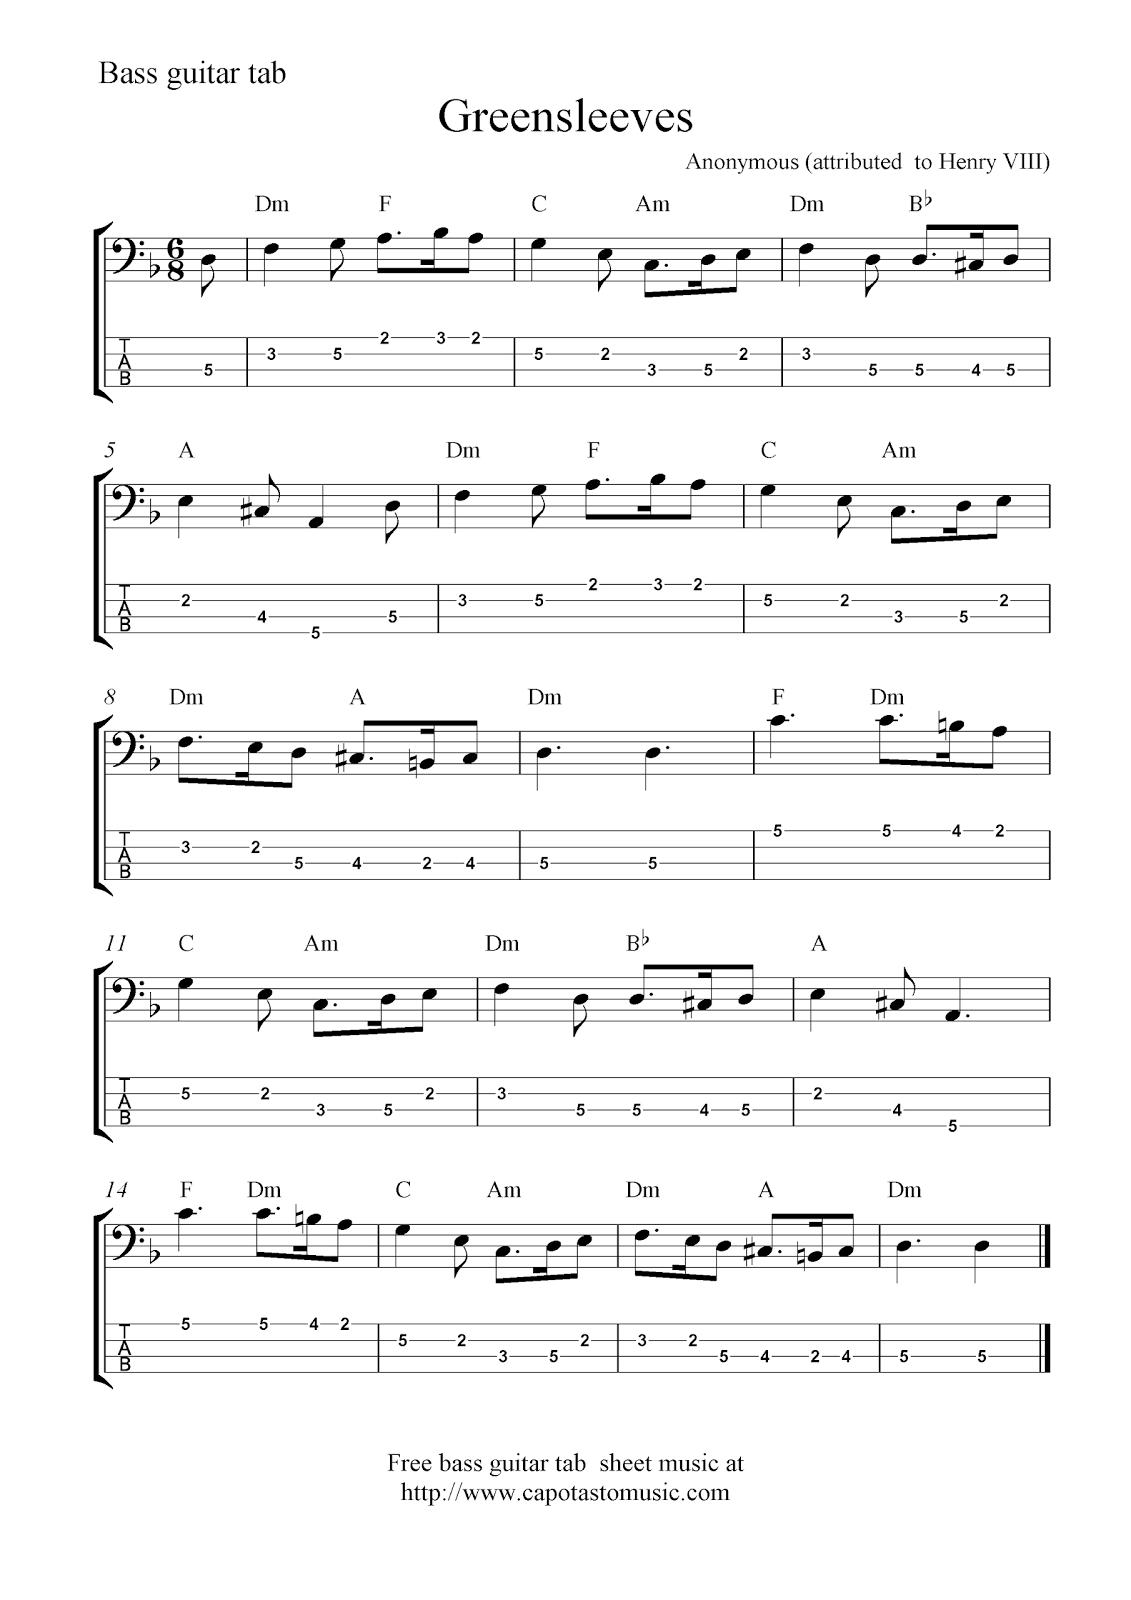 Free bass guitar tab sheet music, Greensleeves